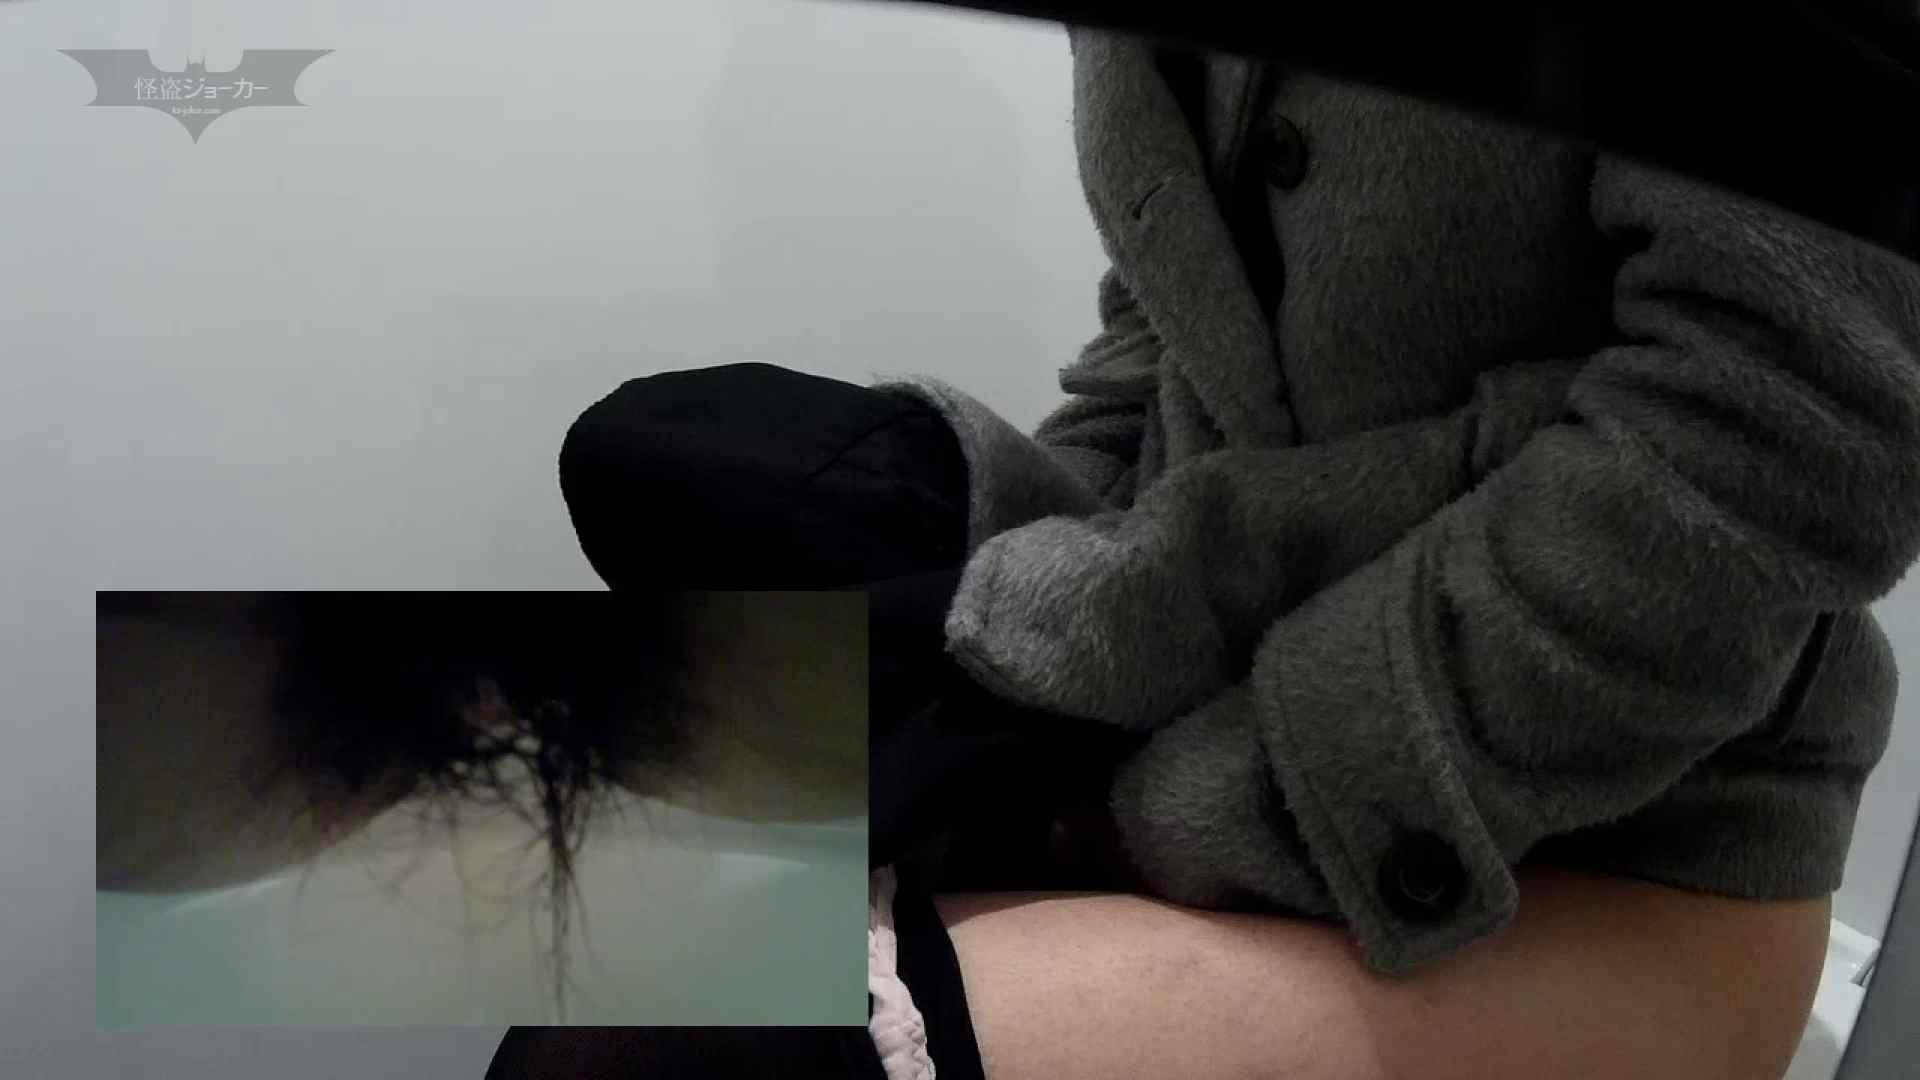 有名大学女性洗面所 vol.58 アンダーヘアーも冬支度? 洗面所 盗撮エロ画像 91pic 62